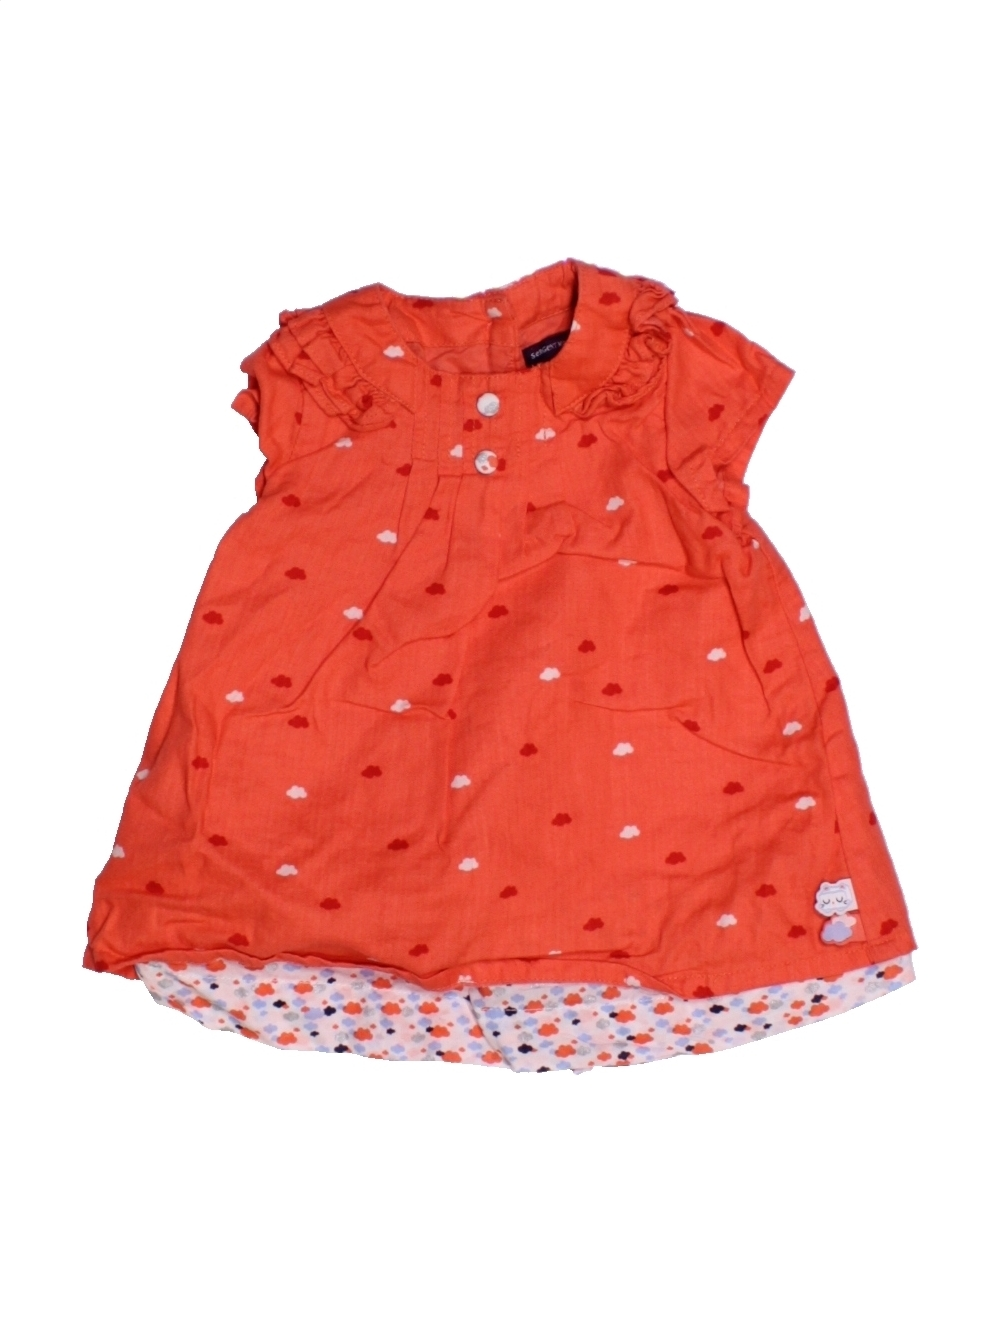 36c35bf877000 Robe rouge SERGENT MAJOR du 3 mois pour Fille - 1166679